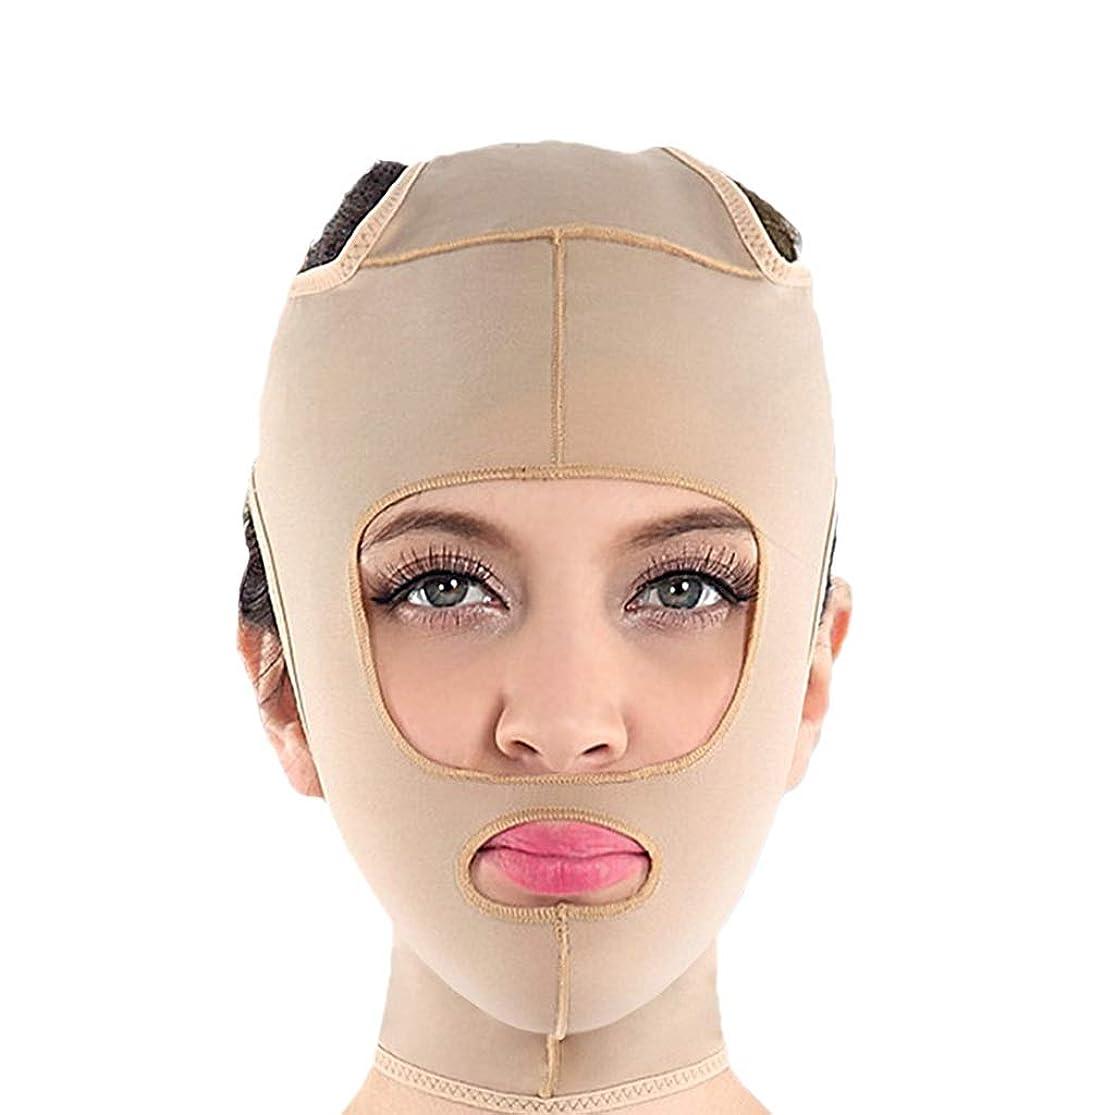 慢会員ペリスコープフェイスリフティング、ダブルチンストラップ、フェイシャル減量マスク、ダブルチンを減らすリフティングヌードル、ファーミングフェイス、パワフルリフティングマスク (Size : S)